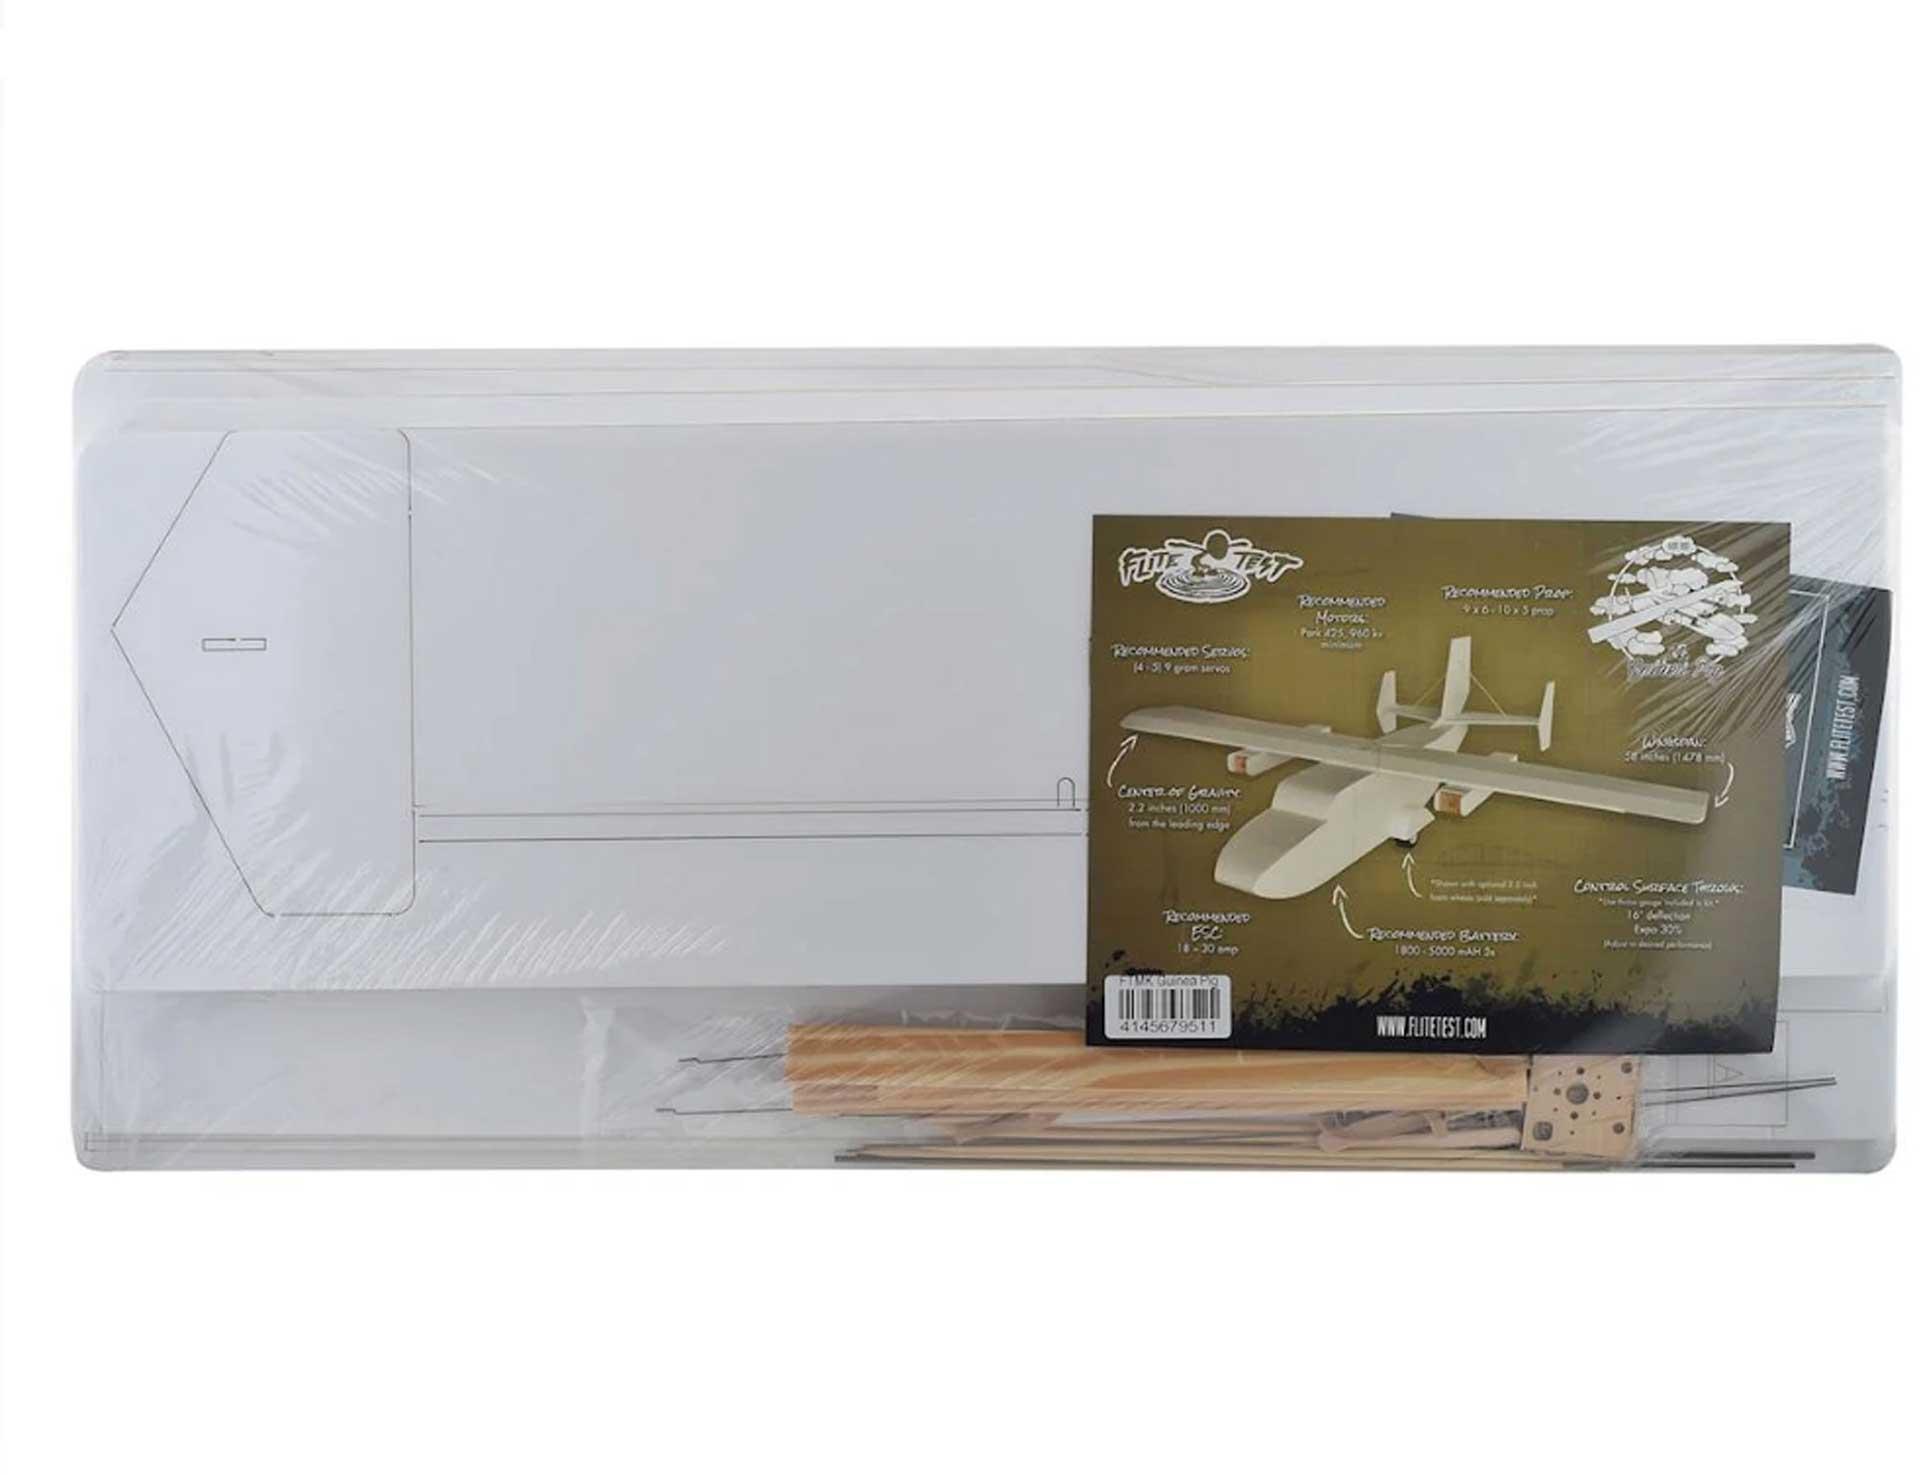 FLITE TEST Guinea Pig Kit Maker Foam 1473mm